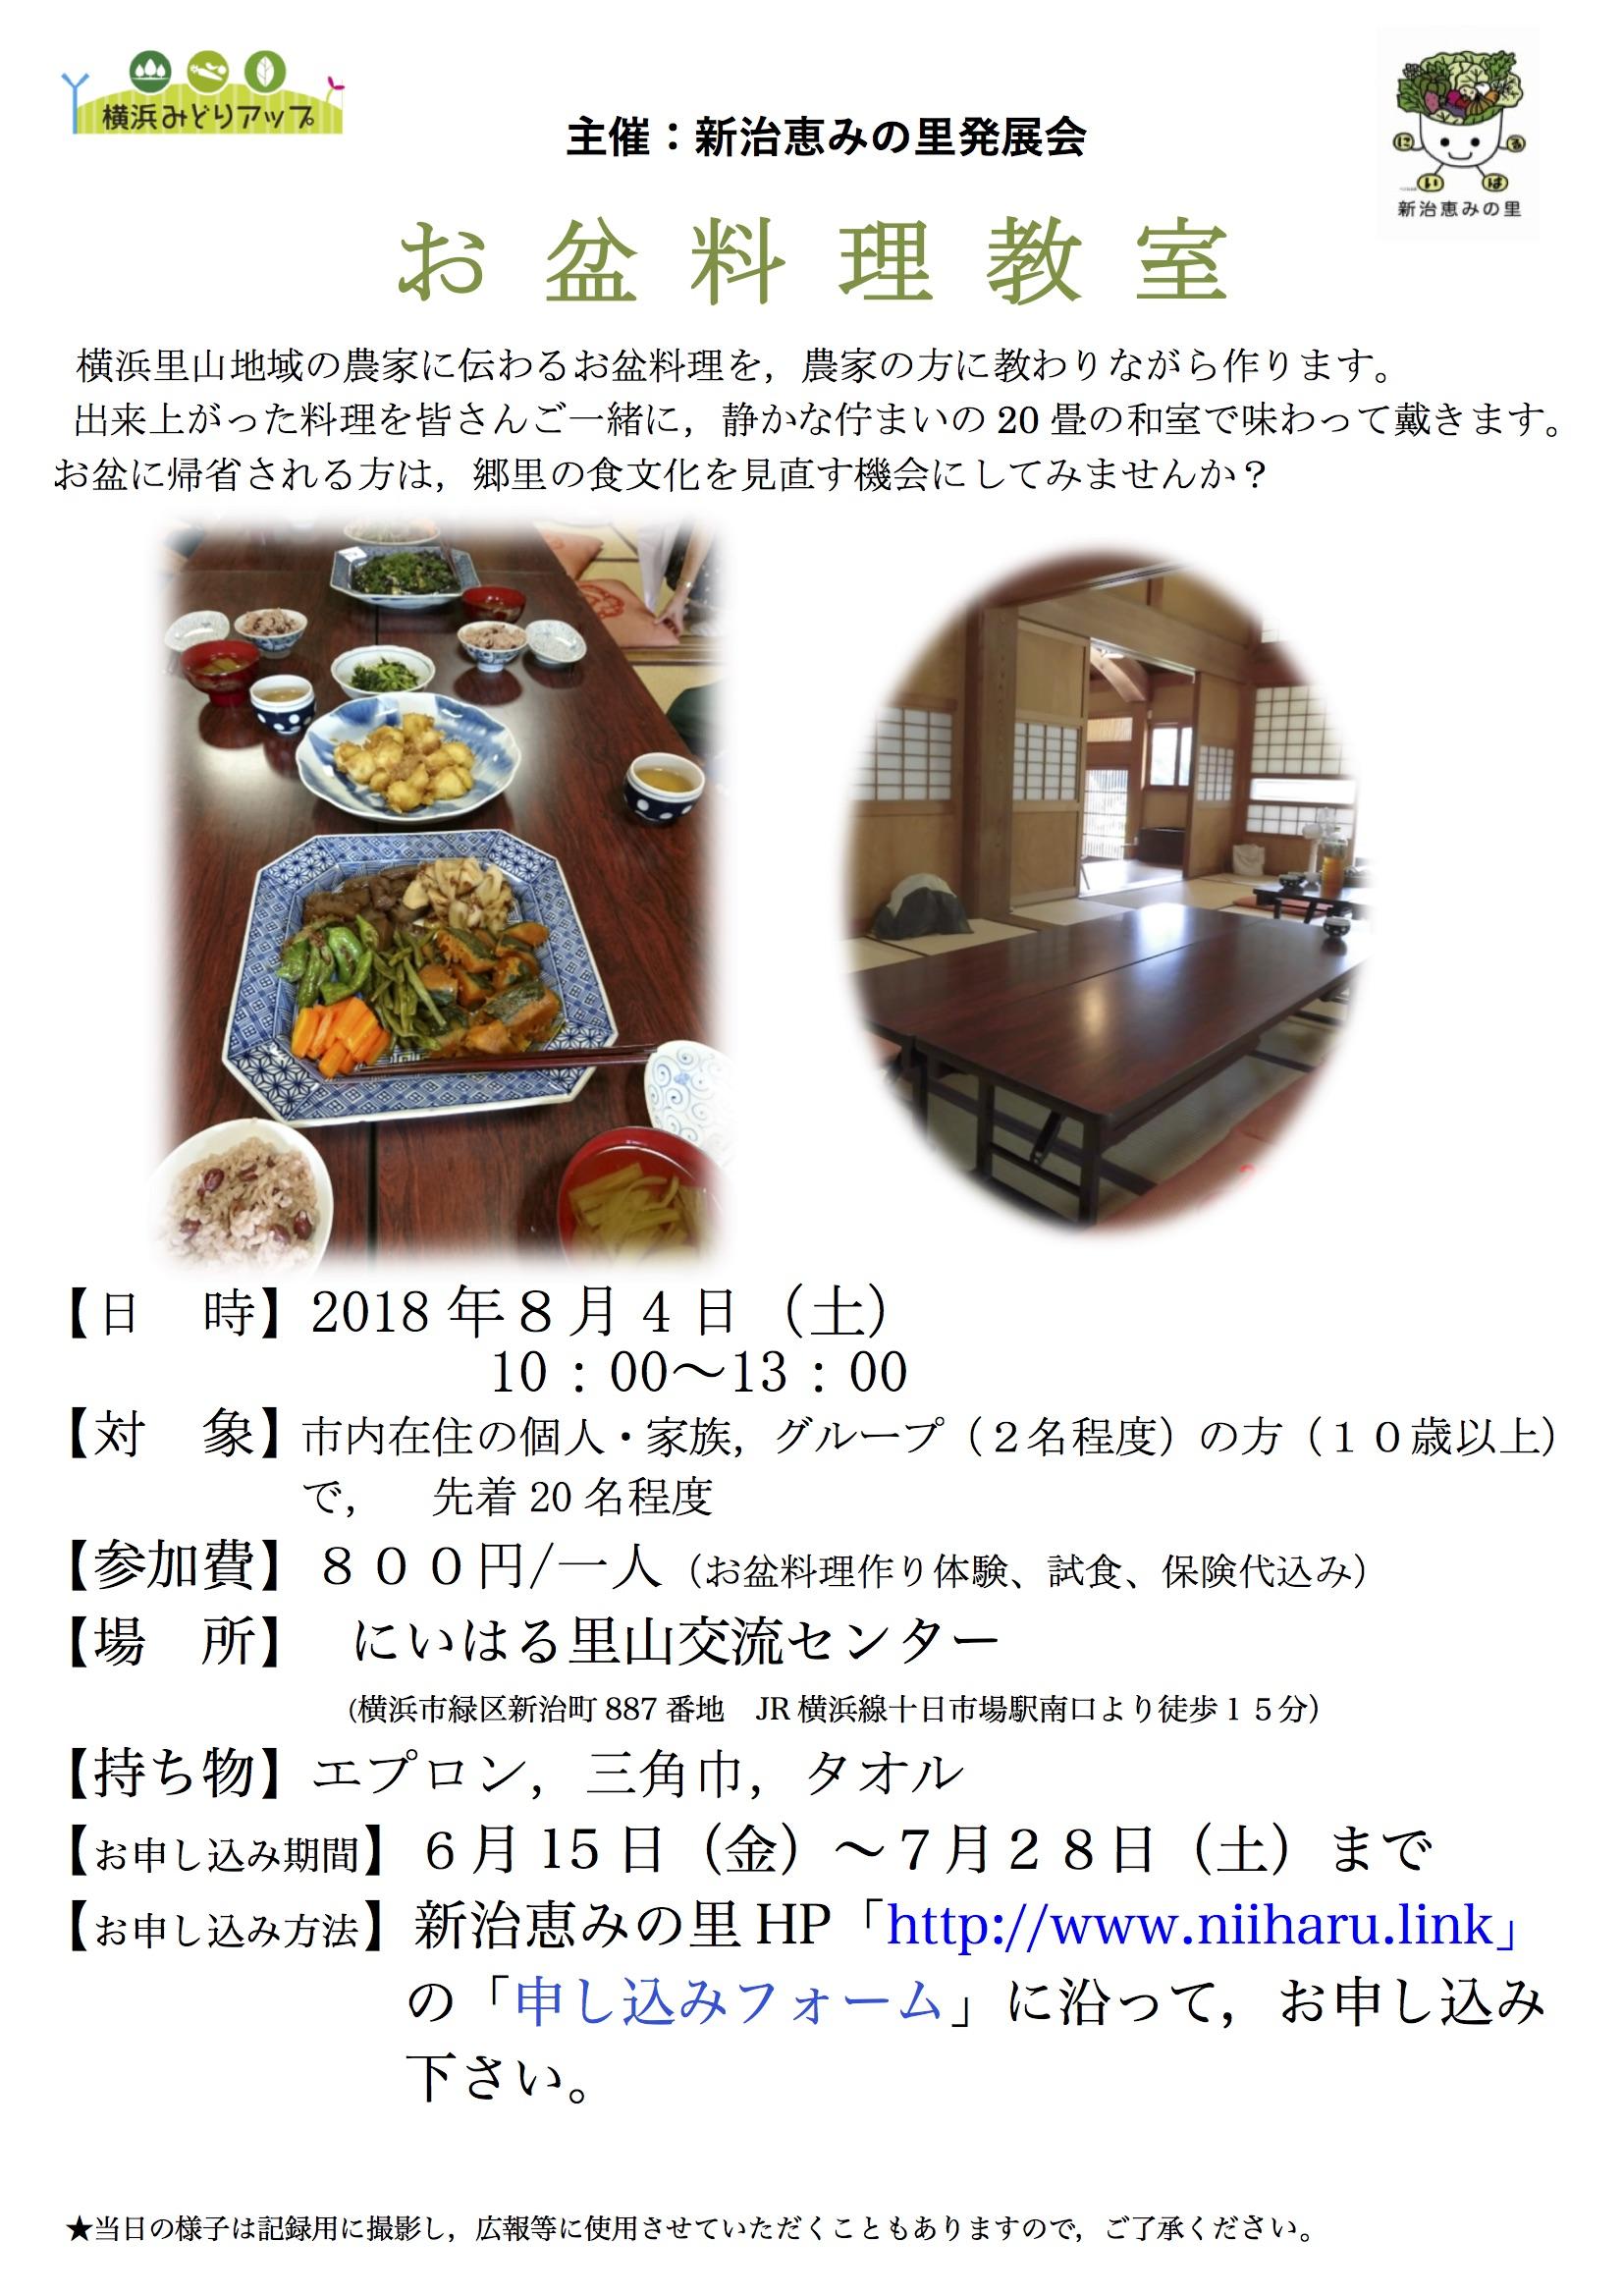 2018お盆料理教室(ポスター・チラシ)